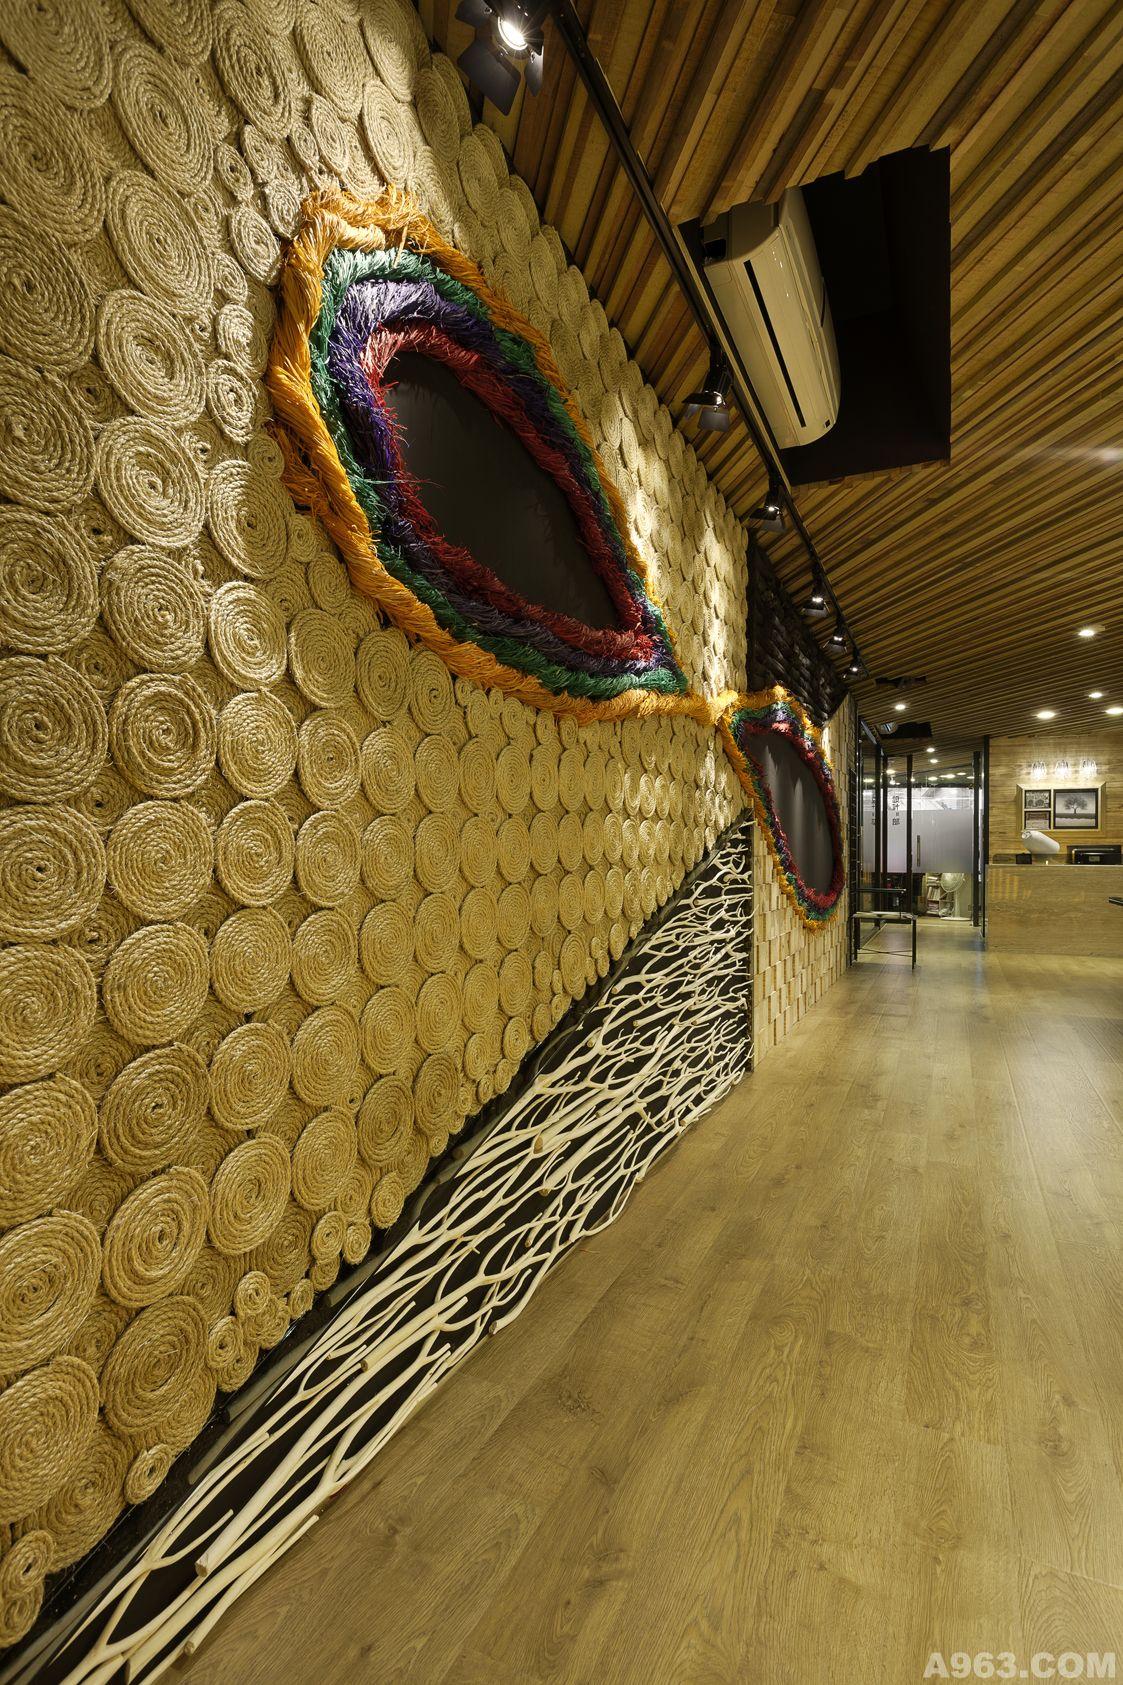 中华室内设计网 作品中心 公共空间 办公空间 > 拾雅客空间设计作品